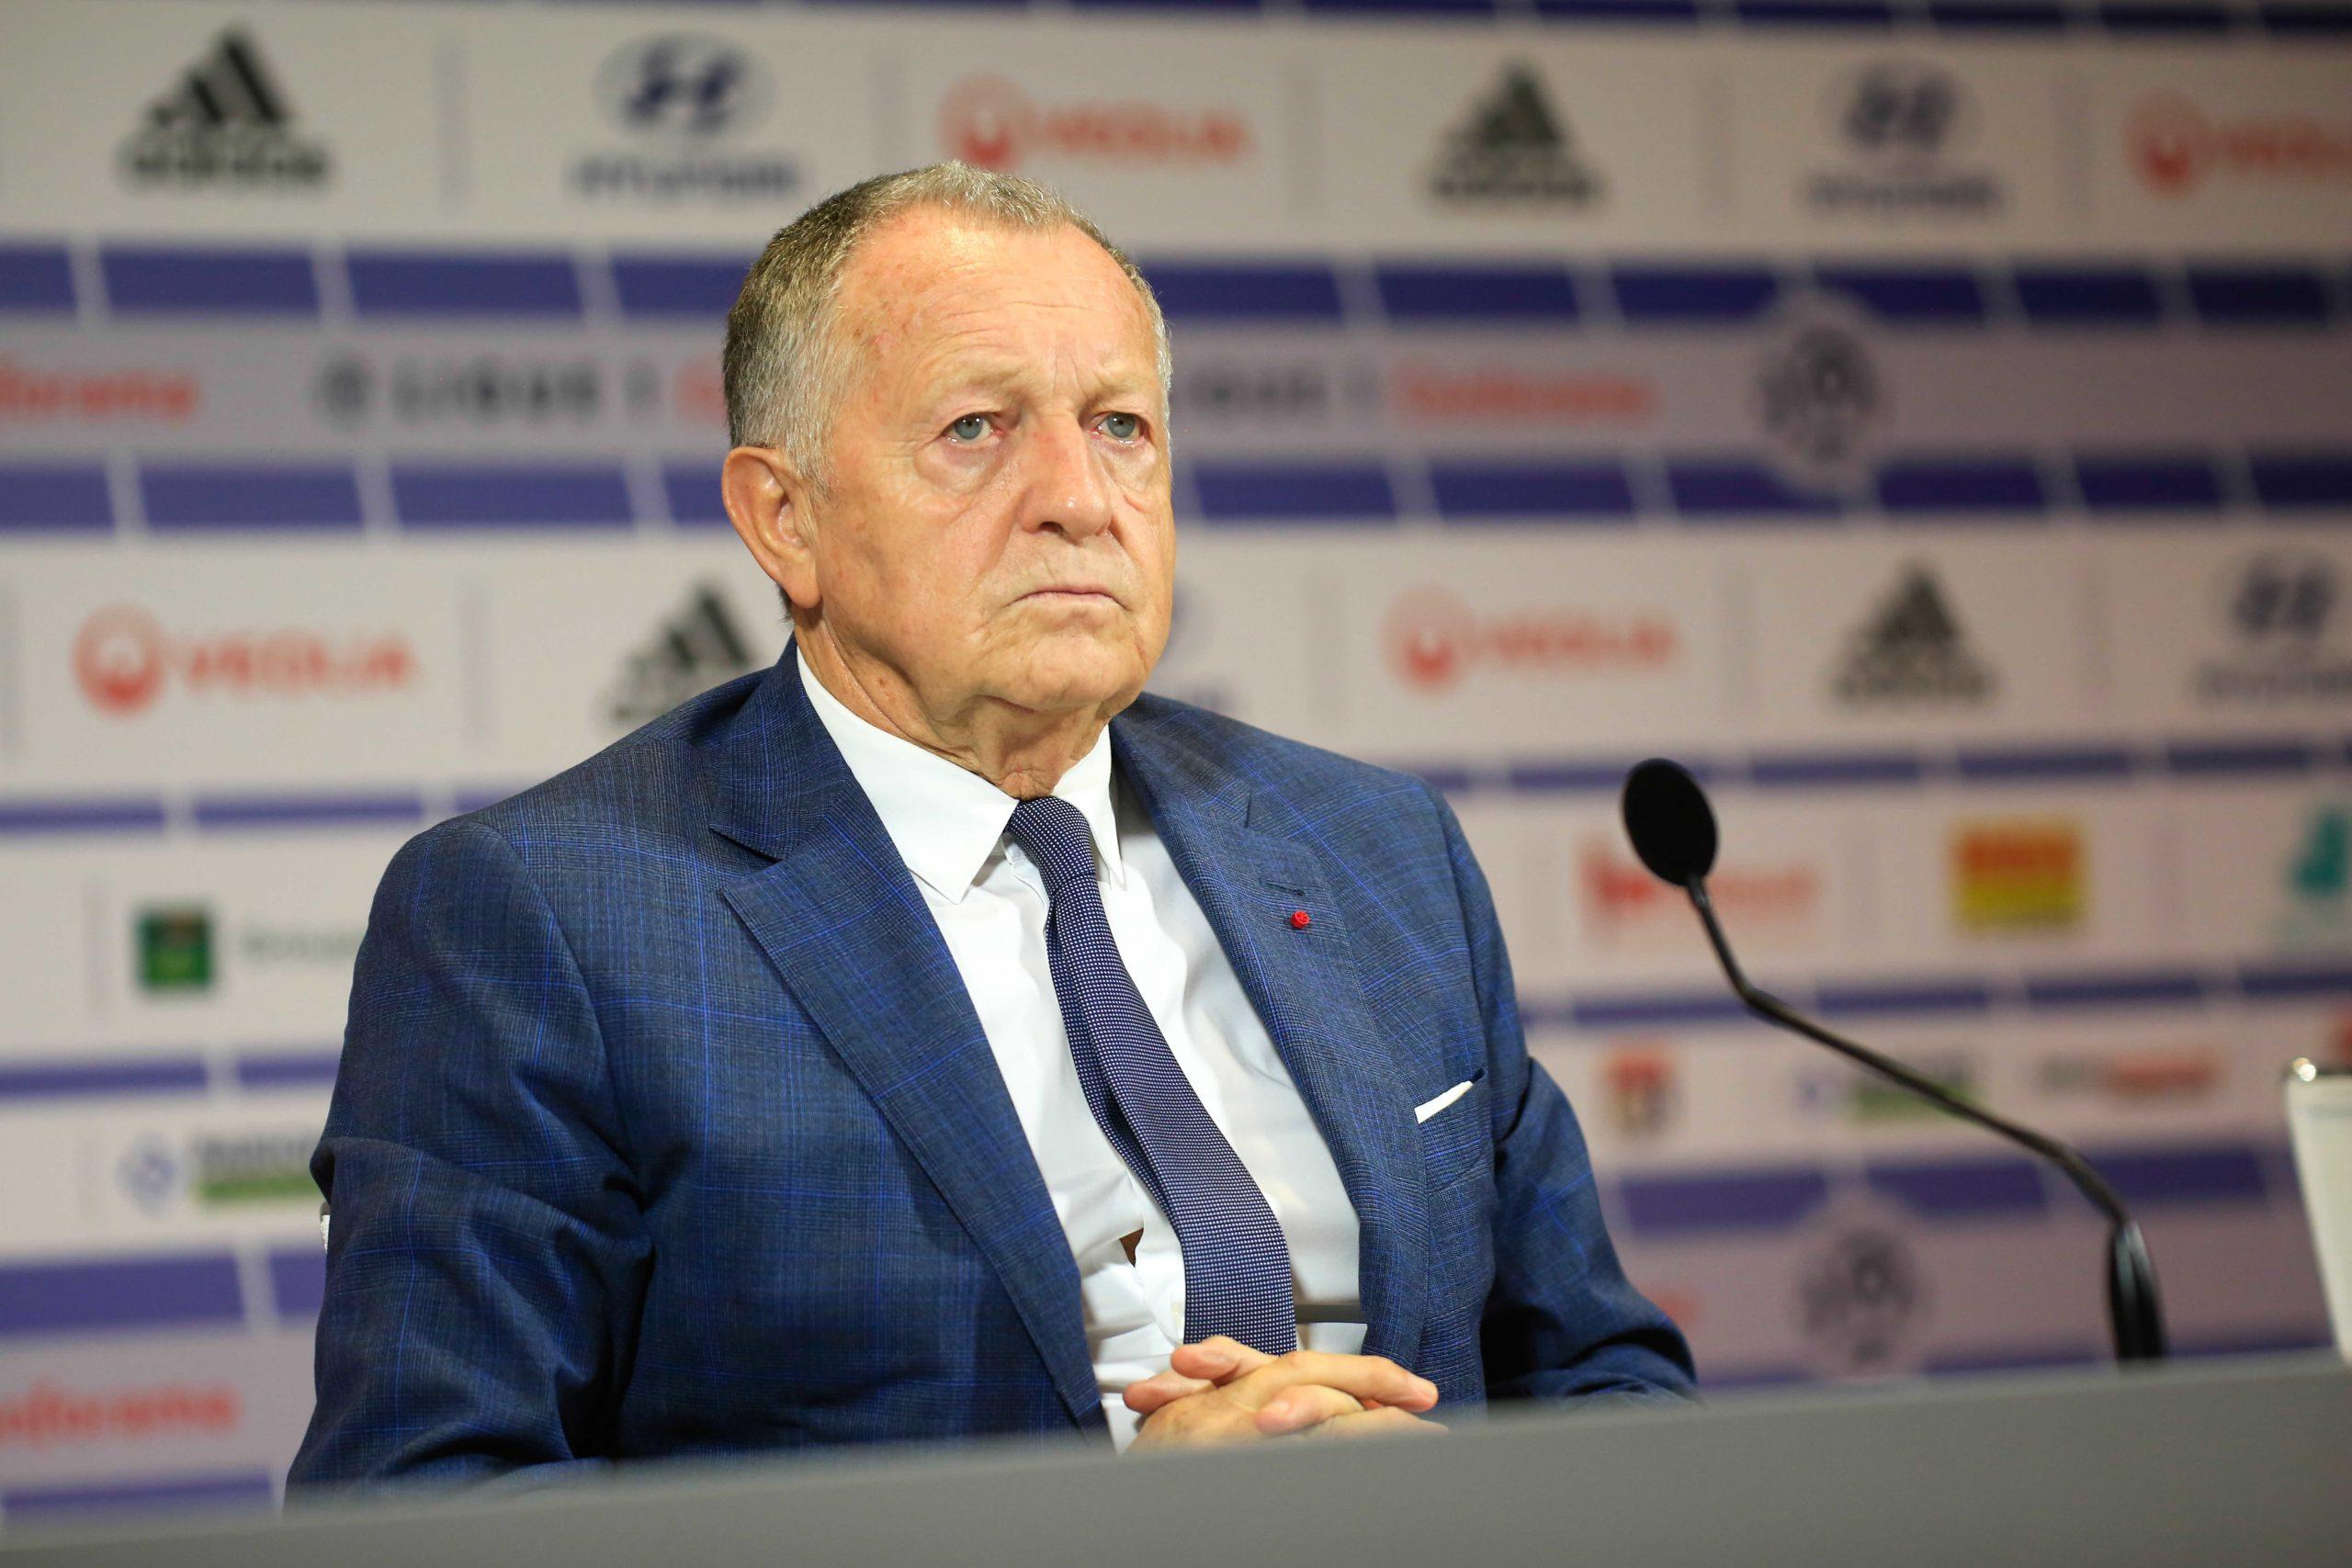 Aulas veut la reprise de la Ligue 1 et que la LFP «arrête de prendre des décisions sans réfléchir»